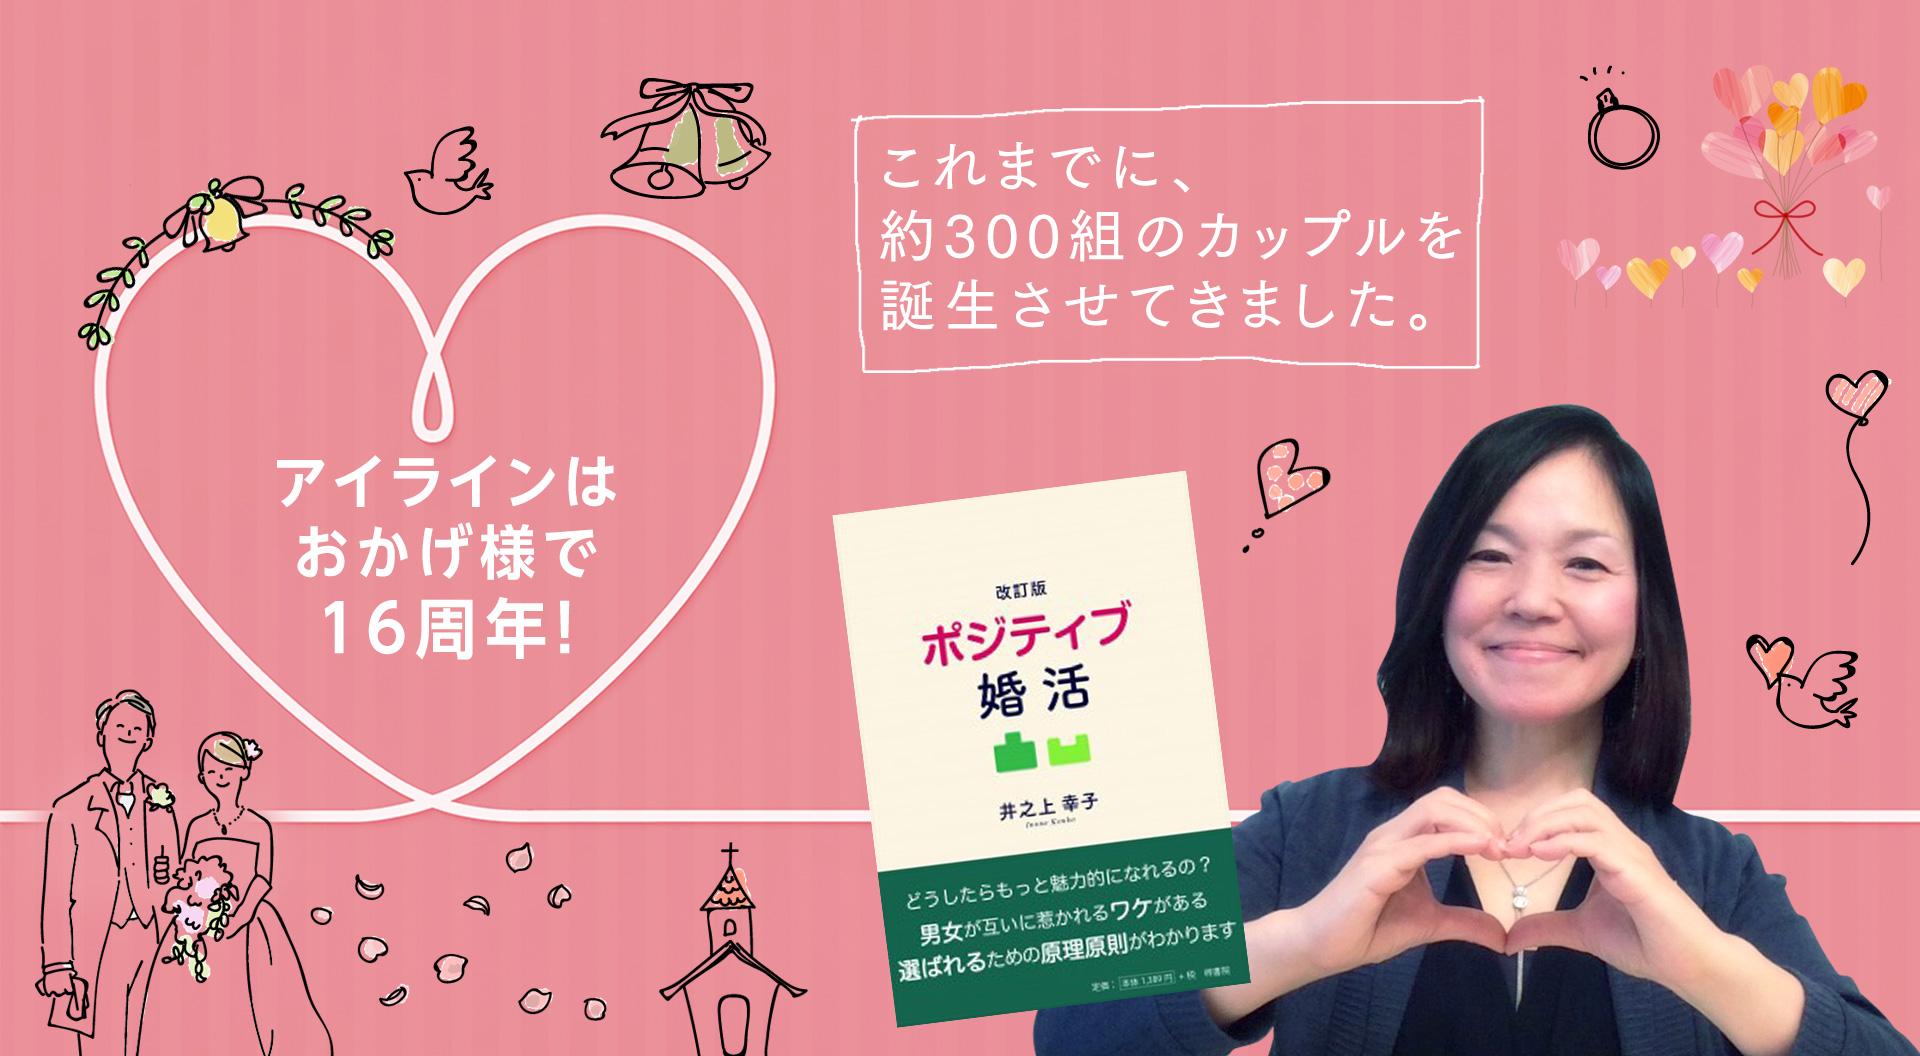 福岡の結婚相談所アイライン ポジティブ婚活